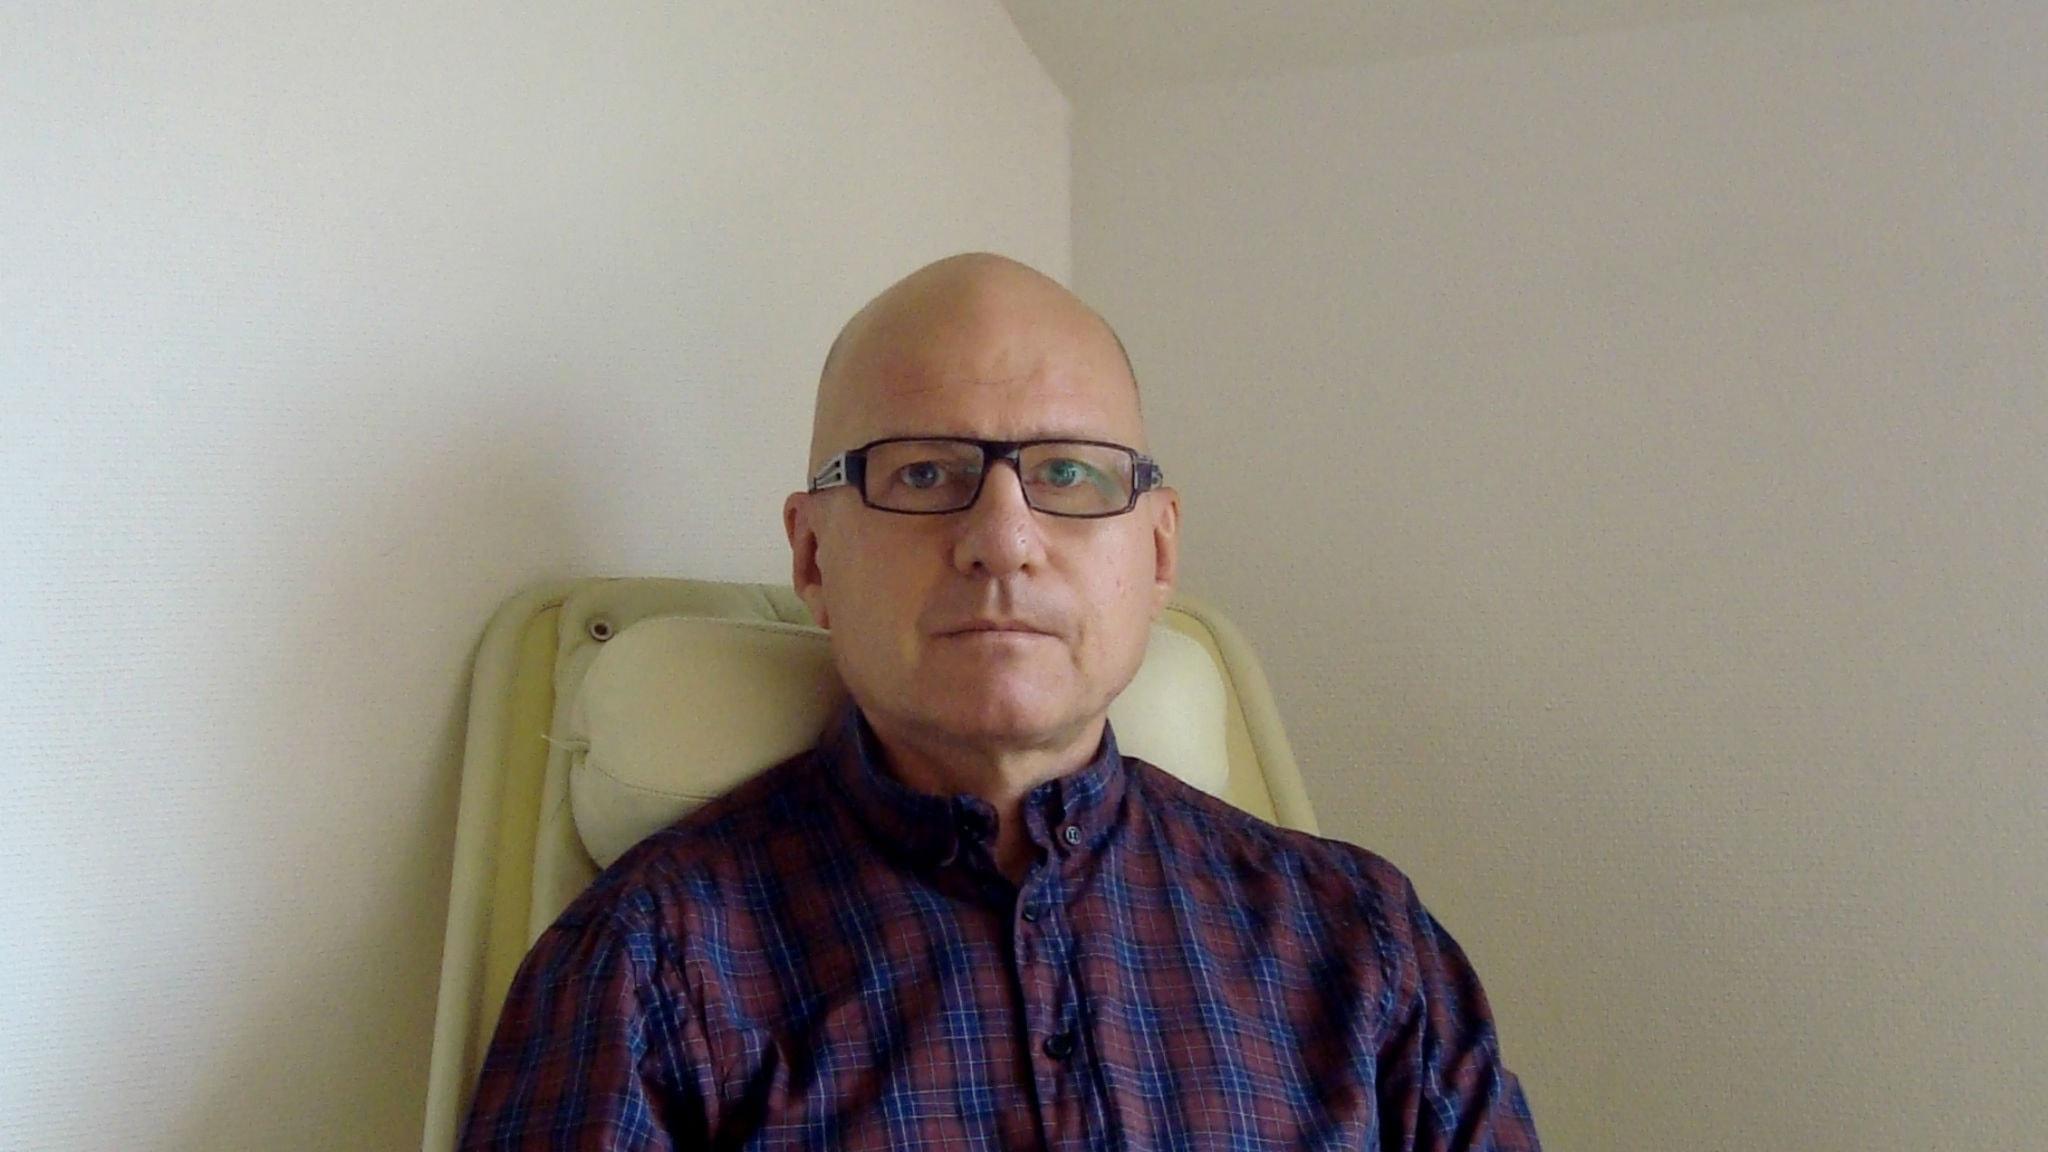 #Malmöligan: Clemens Altgård